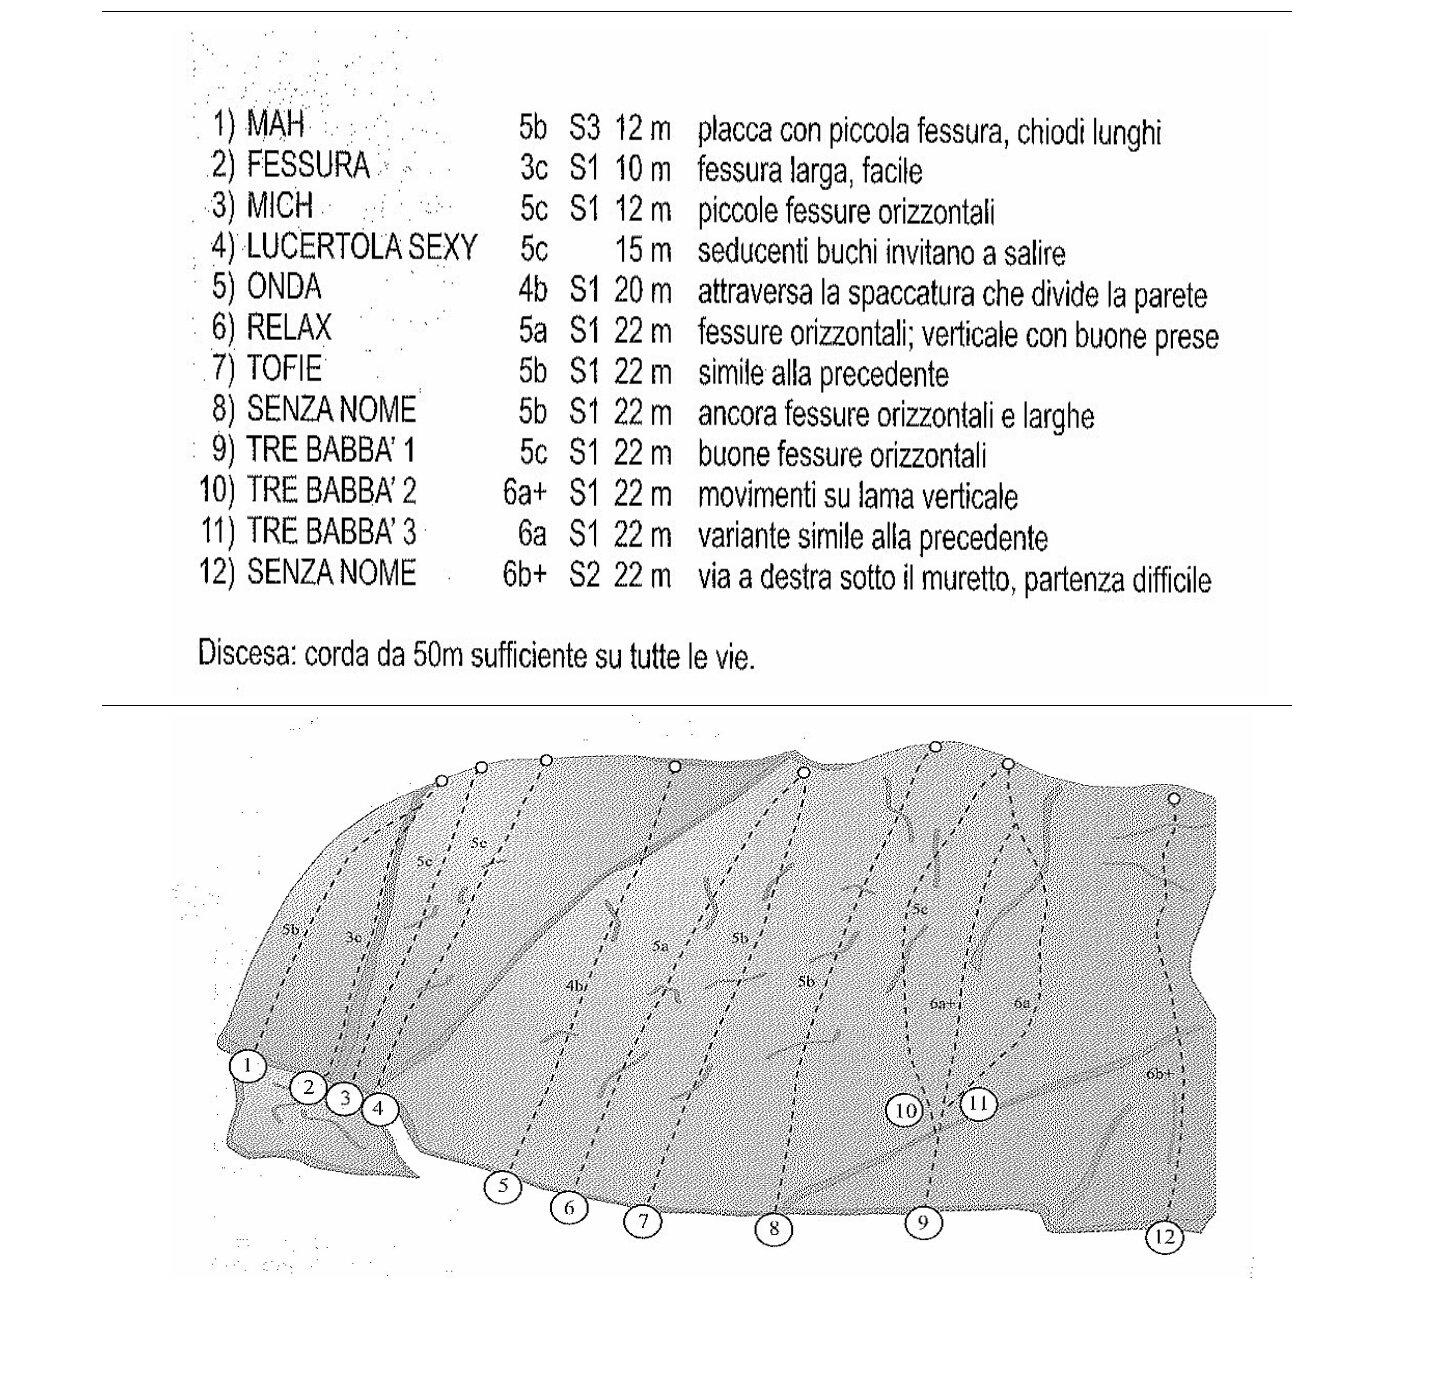 Ponte Romano (Falesia del) 2020-06-19